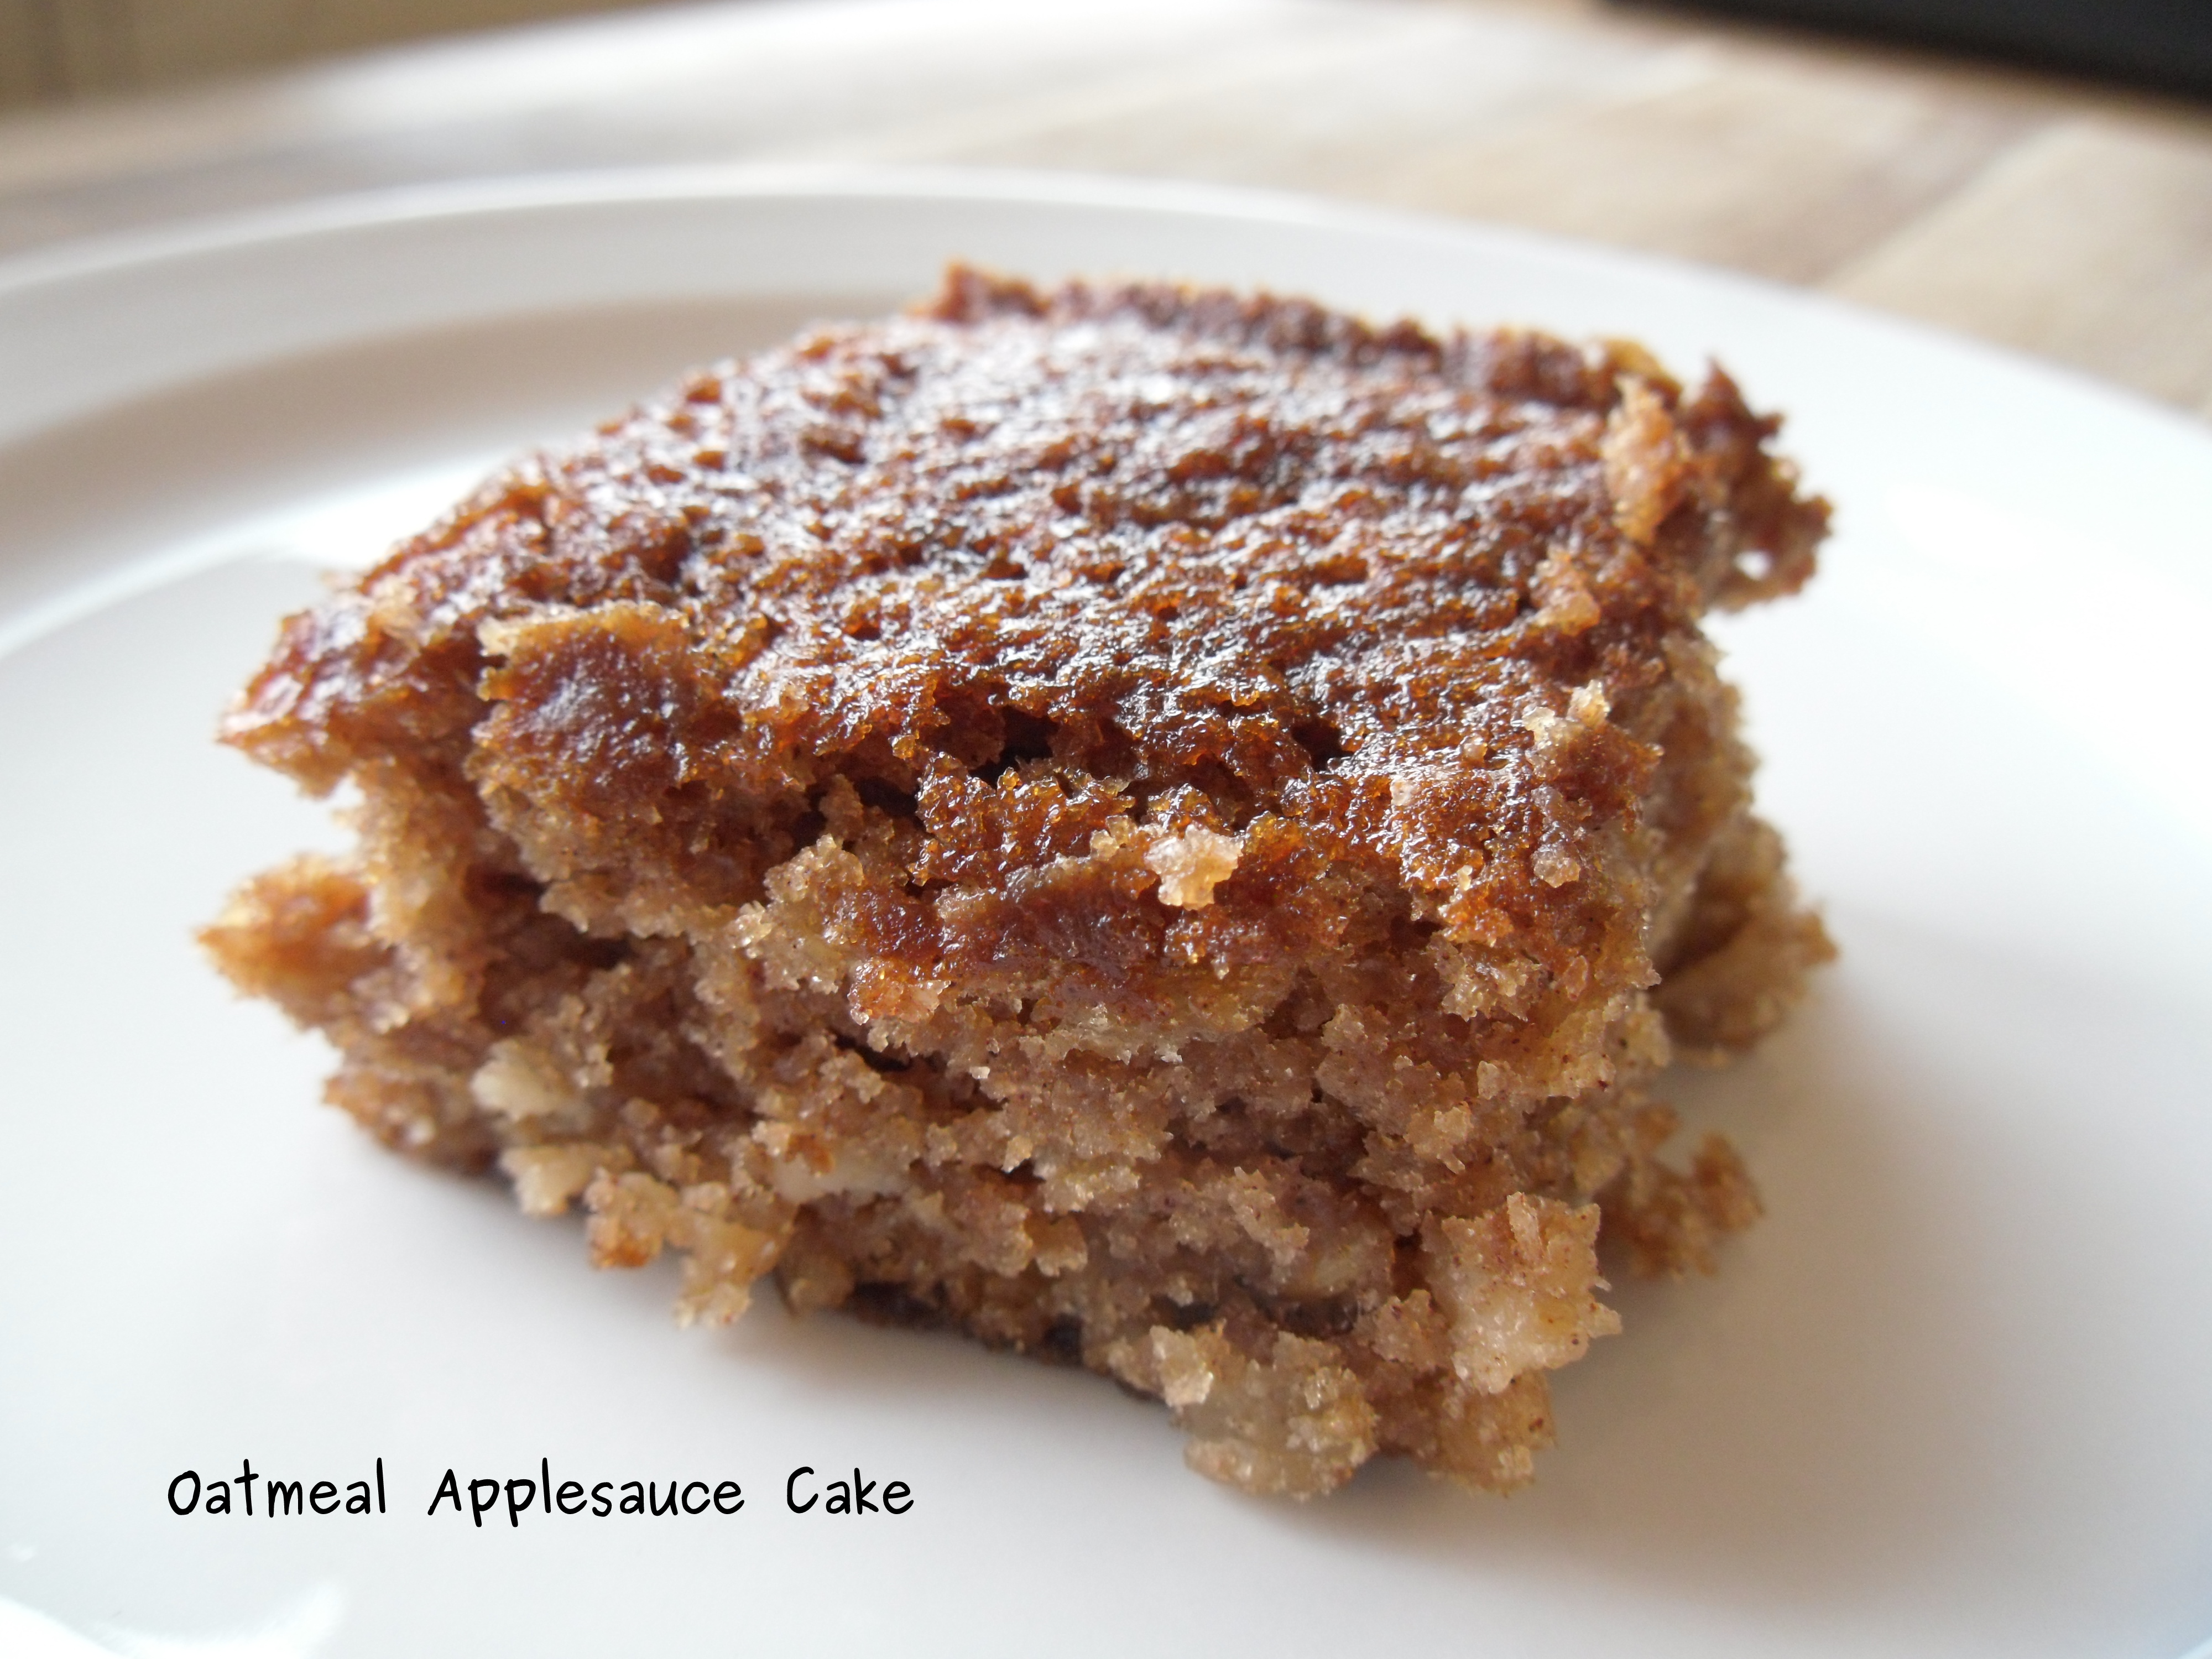 Oatmeal-Applesauce Cake Oatmeal-Applesauce Cake new photo